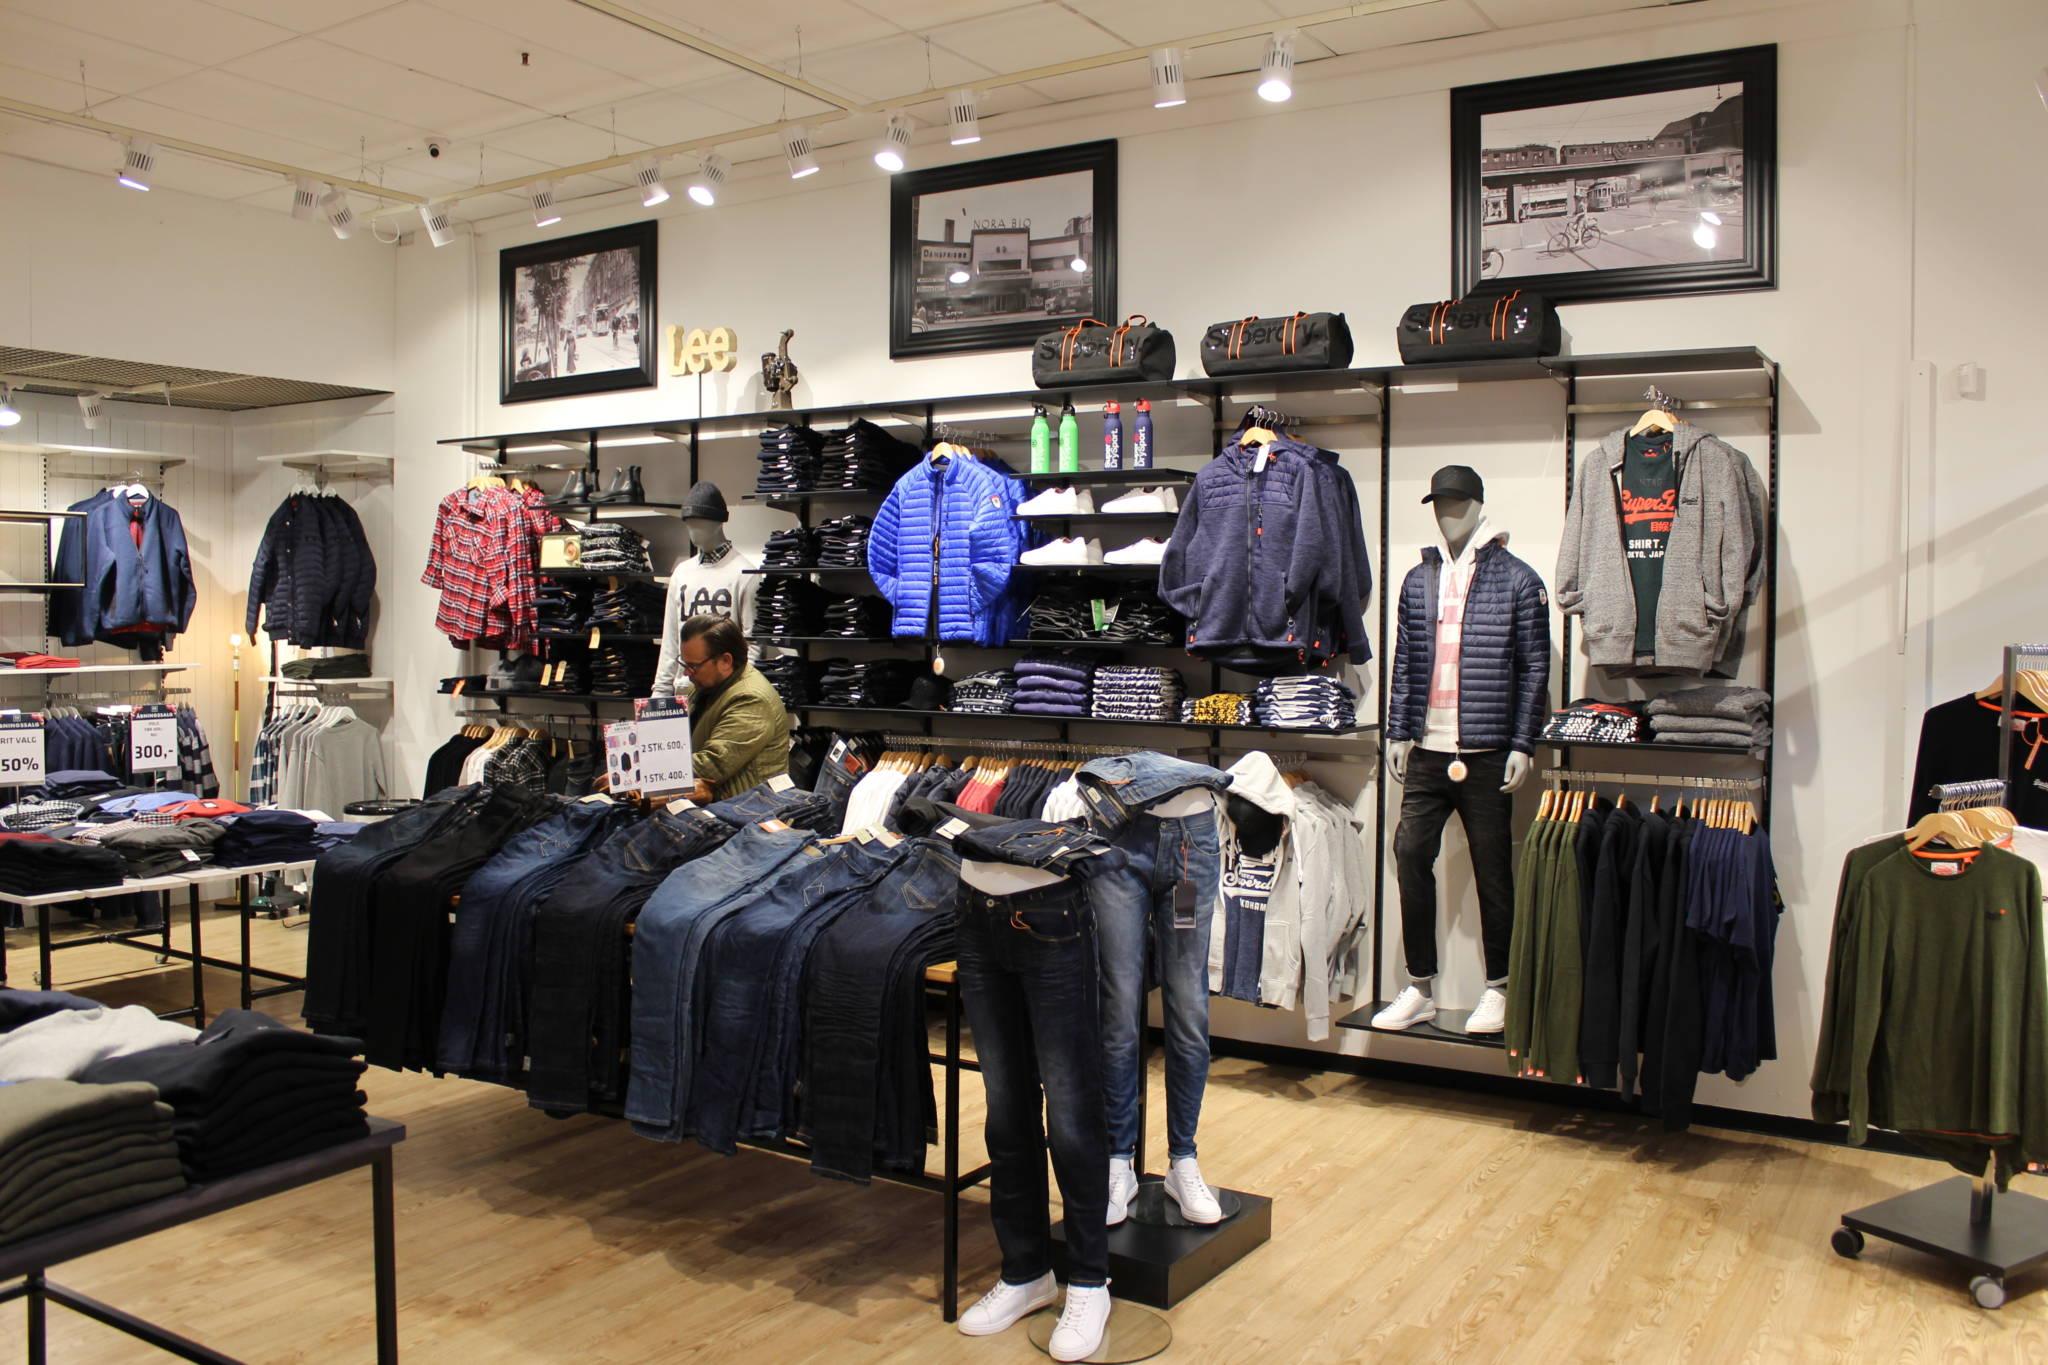 Trendy indrettet herrebutik med mange fokus området. Butiksinventar og butiksindretning.